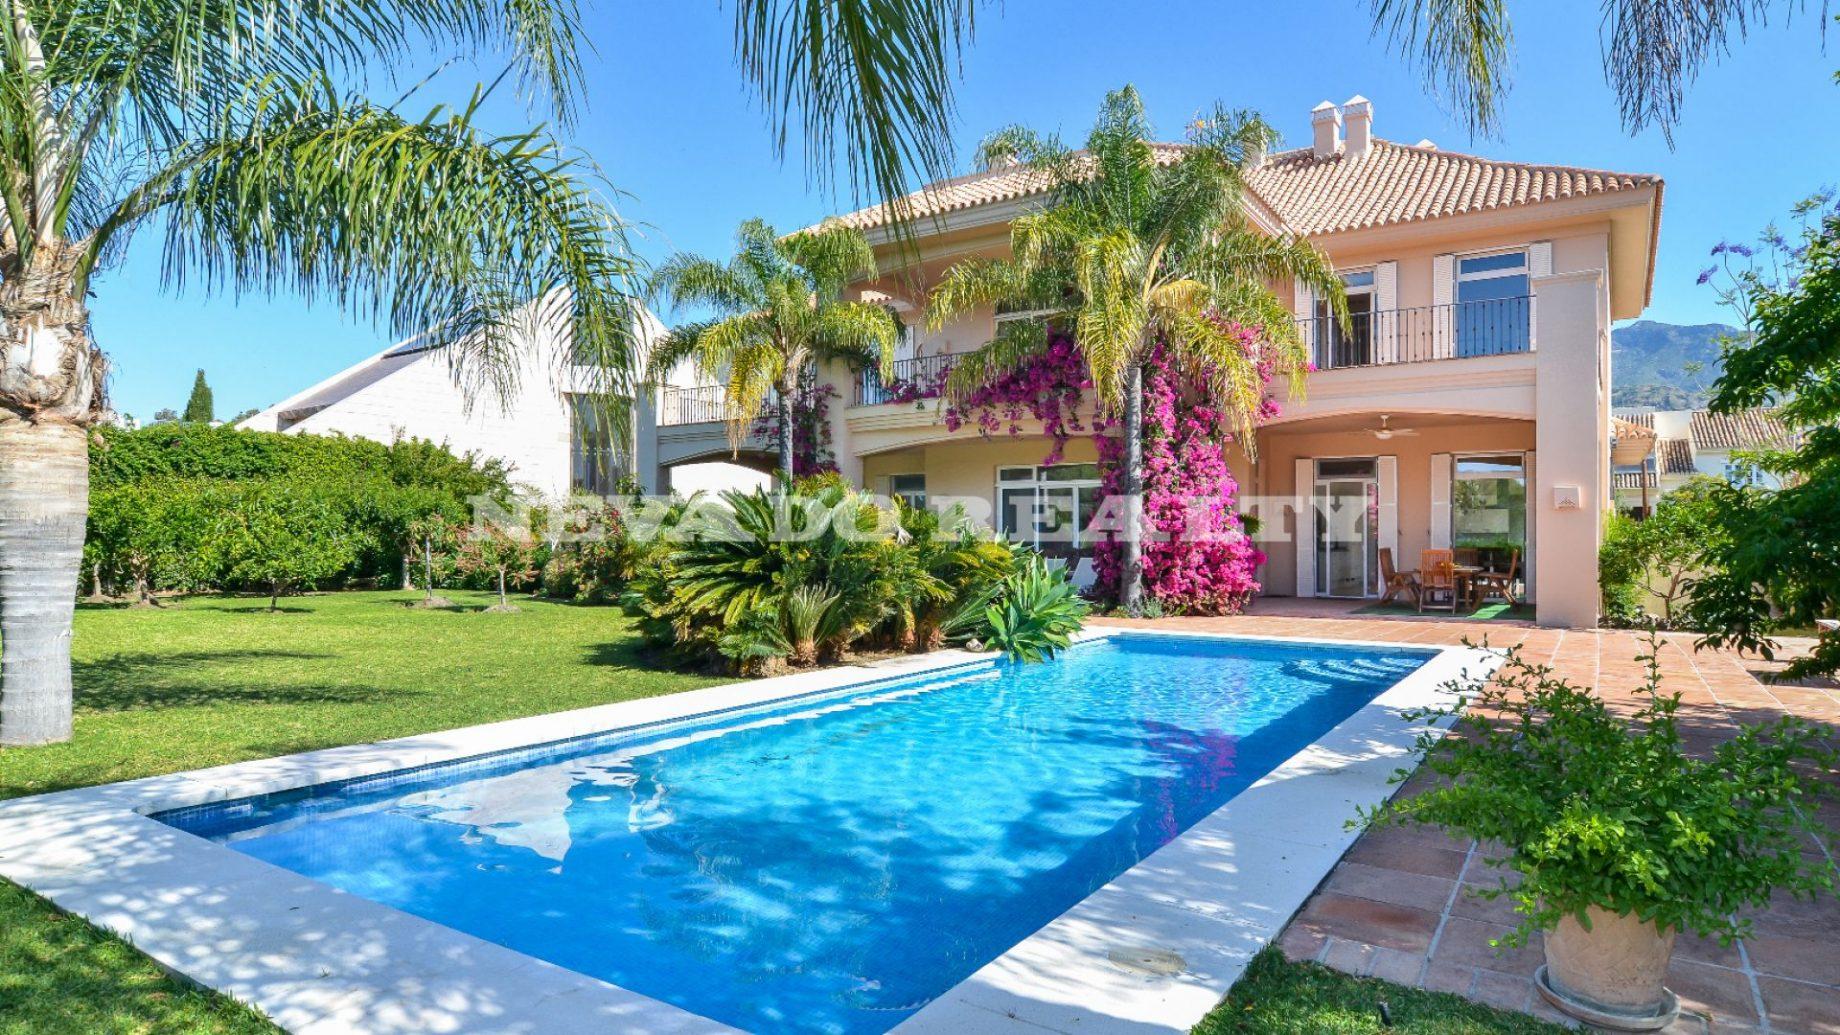 Villa a la venta en Huerta Belón, Marbella Centro - Nevado Realty